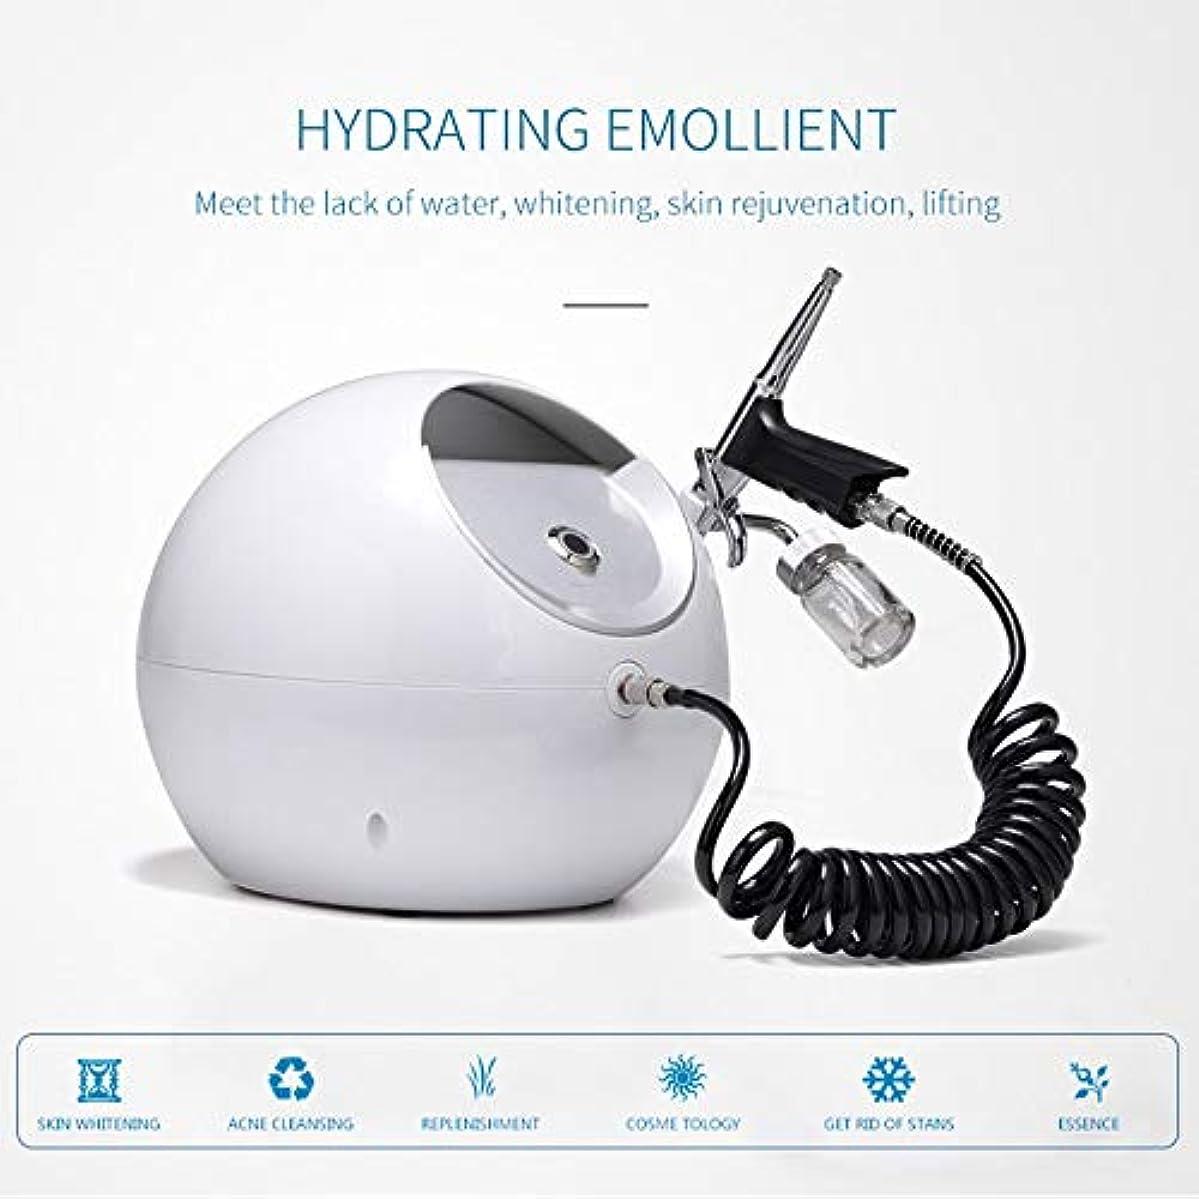 おかしい関数癌2 In1 小バブル酸素ジェットピールハイドロフェイシャルダーマブレーションマシン、フェイシャルクリーニングブラックヘッドにきびのための皮膚酸素注入美容機器